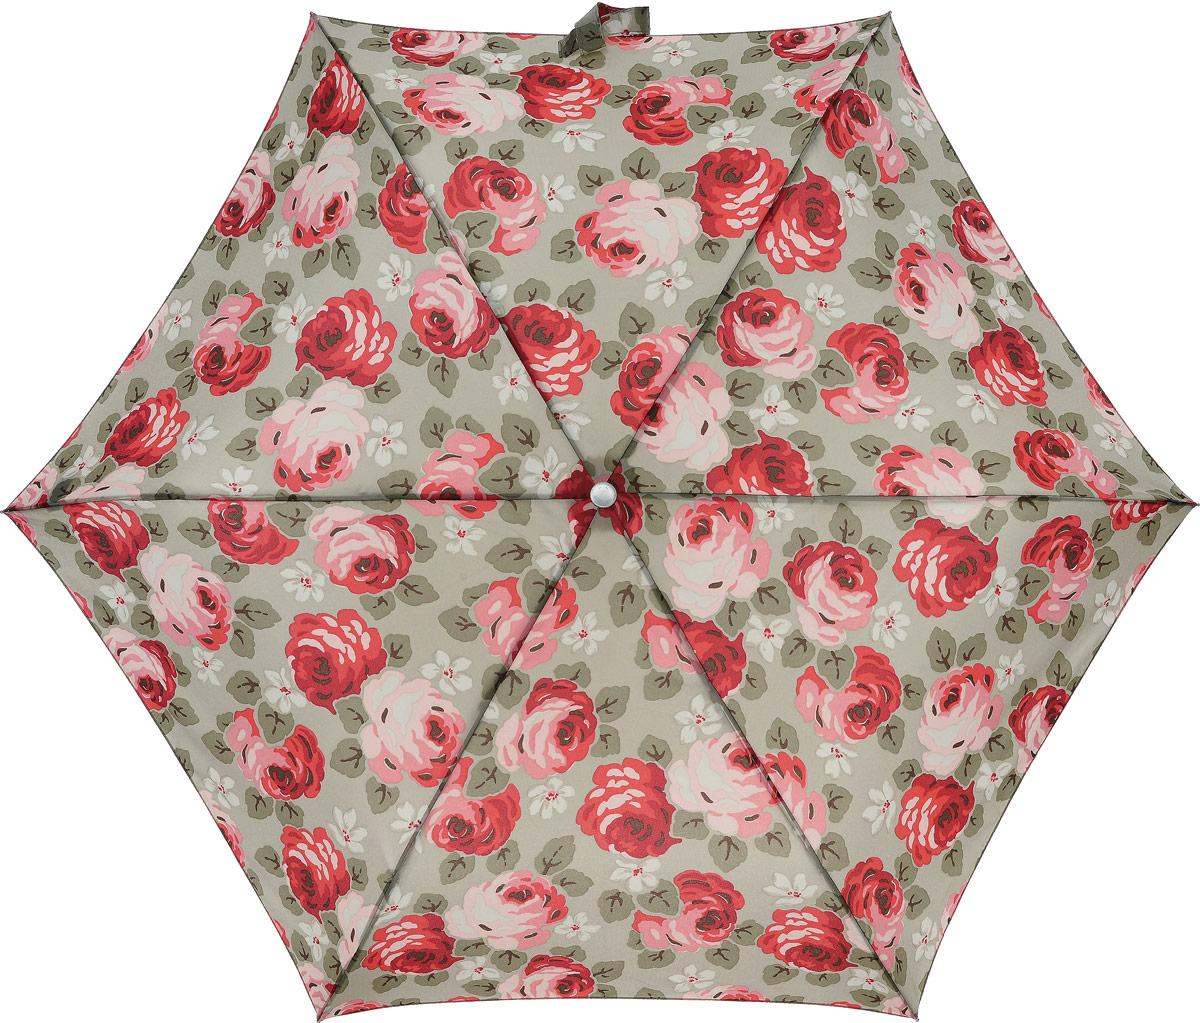 Зонт женский Cath Kidston Minilite, механический, 3 сложения, цвет: бежевый, мультиколор. L768-27438B035000M/18075/3900NСтильный механический зонт Cath Kidston Minilite в 3 сложения даже в ненастную погоду позволит вам оставаться элегантной. Облегченный каркас зонта выполнен из 8 спиц из фибергласса и алюминия, стержень также изготовлен из алюминия, удобная рукоятка - из пластика. Купол зонта выполнен из прочного полиэстера. В закрытом виде застегивается хлястиком на липучке. Яркий оригинальный цветочный принт поднимет настроение в дождливый день.Зонт механического сложения: купол открывается и закрывается вручную до характерного щелчка.На рукоятке для удобства есть небольшой шнурок, позволяющий надеть зонт на руку тогда, когда это будет необходимо. К зонту прилагается чехол с небольшой нашивкой с названием бренда. Такой зонт компактно располагается в кармане, сумочке, дверке автомобиля.